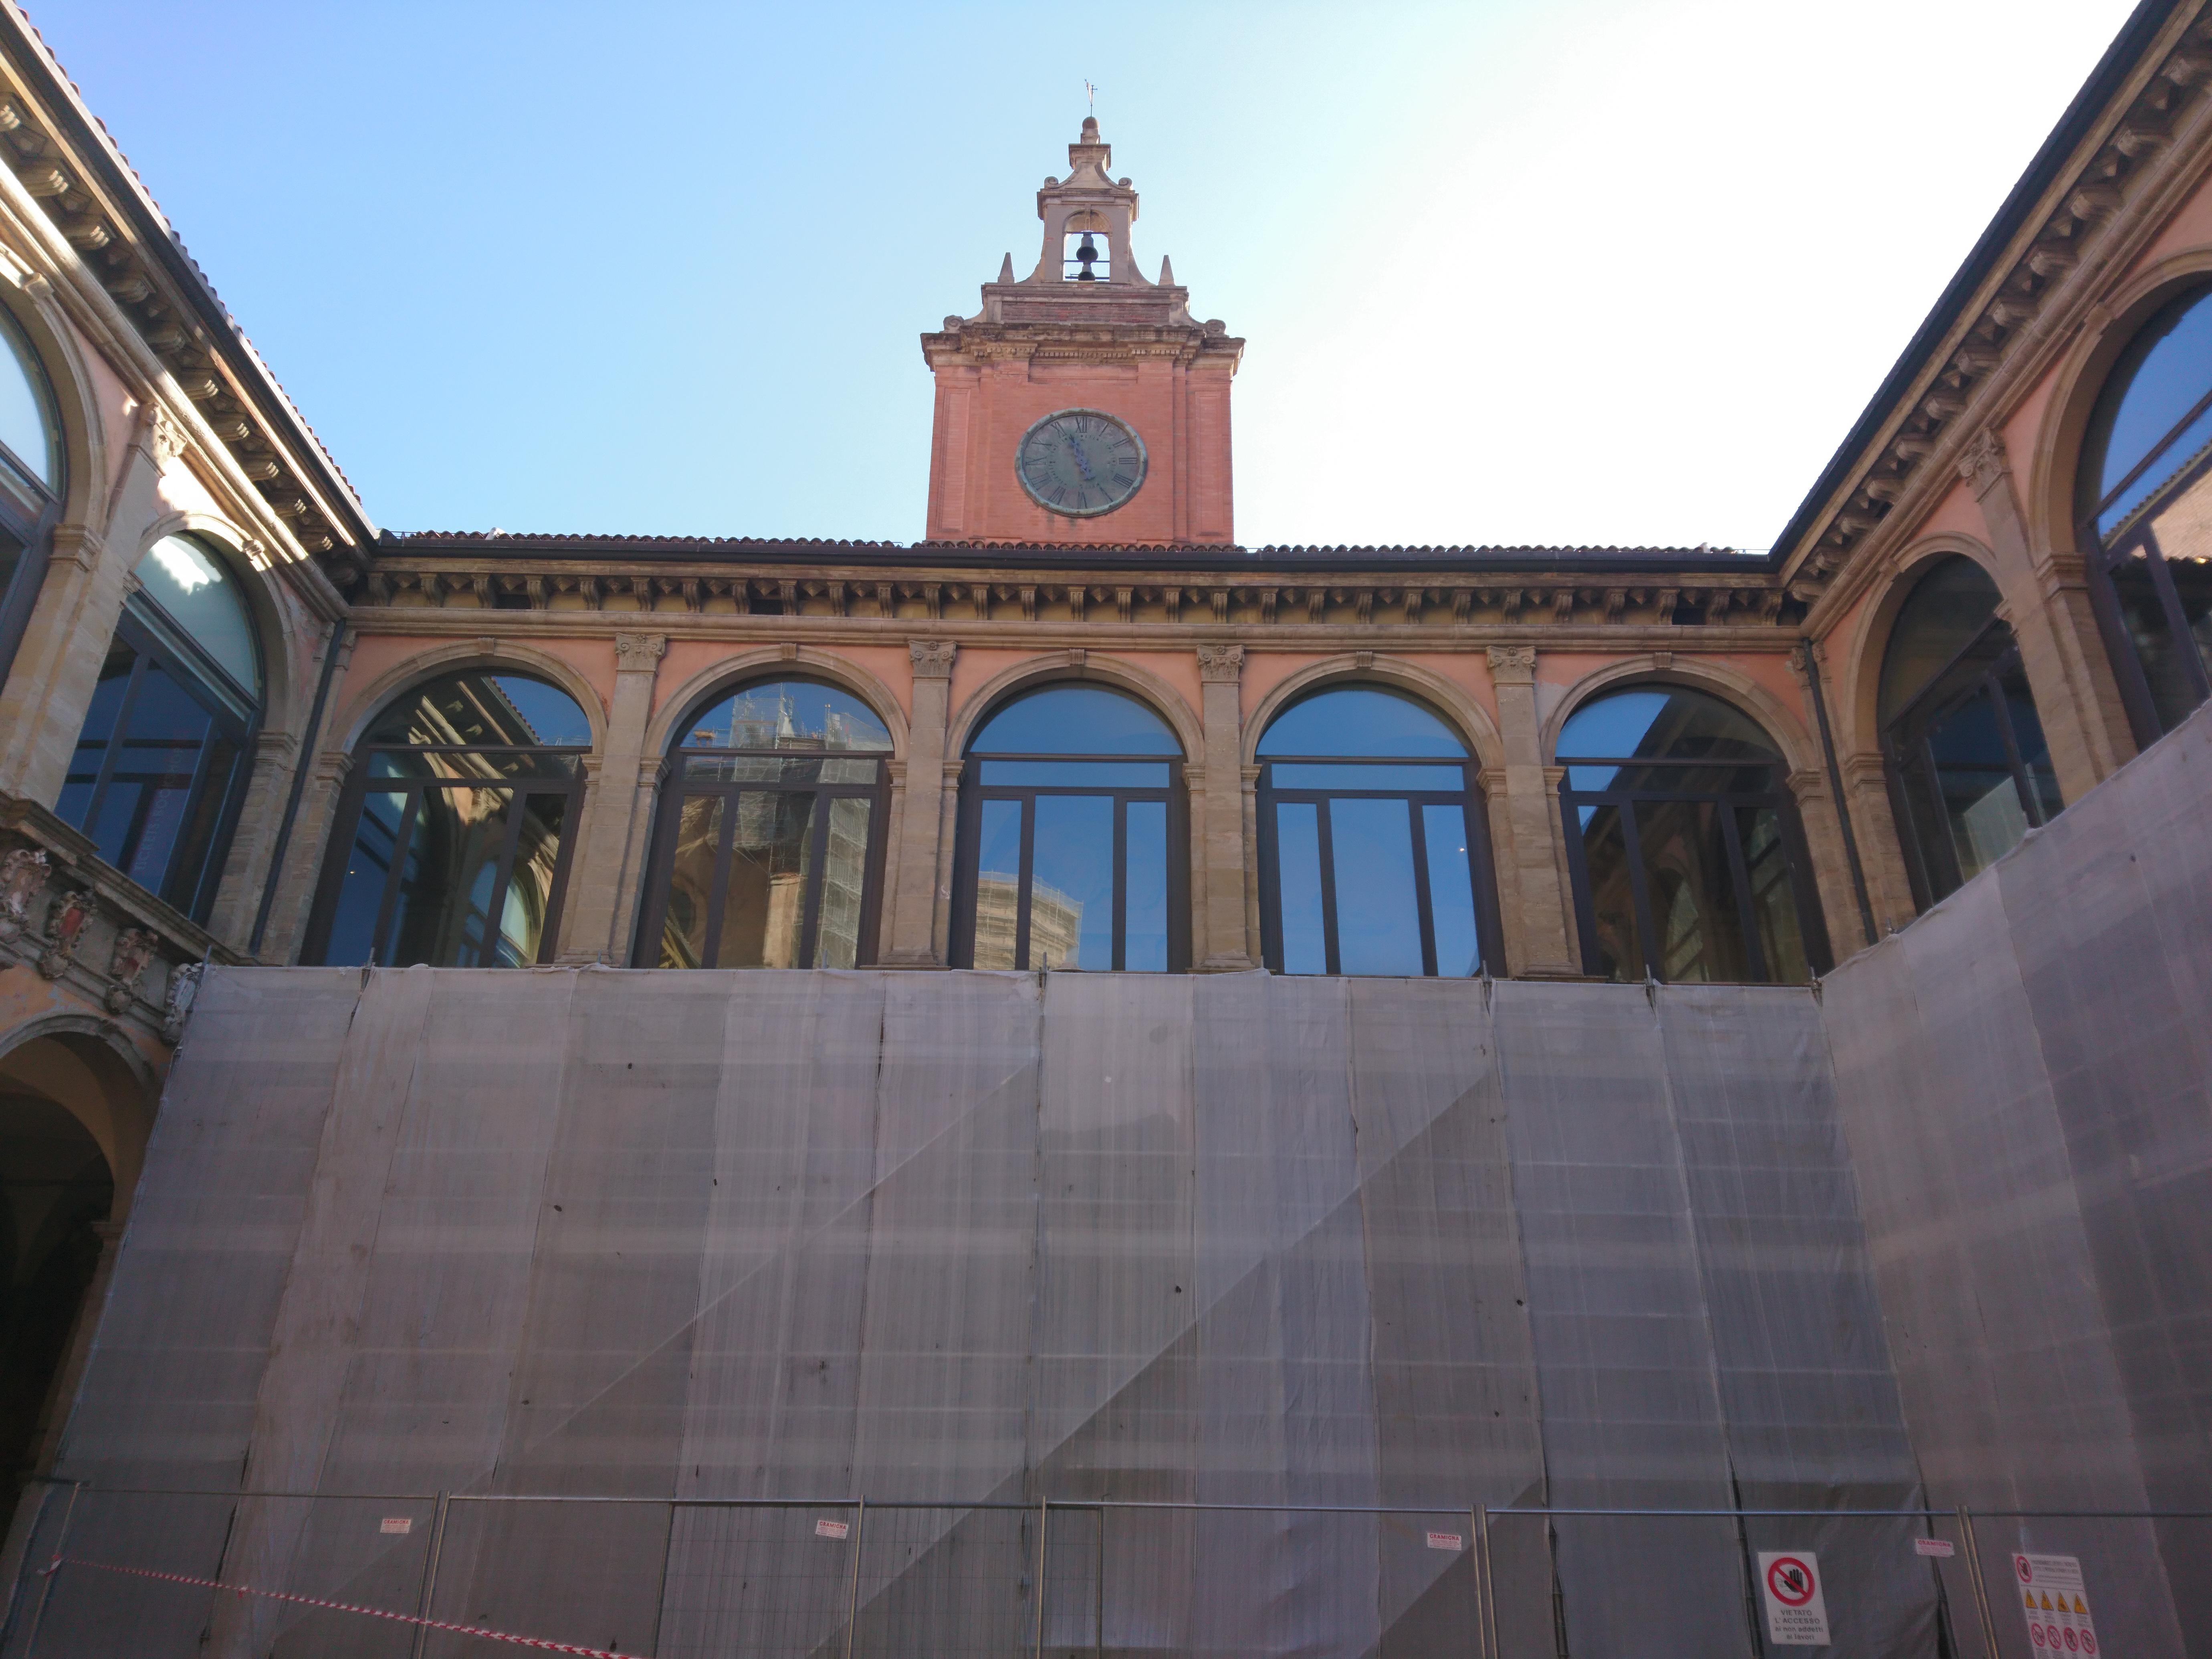 工事中の旧ボローニャ大学